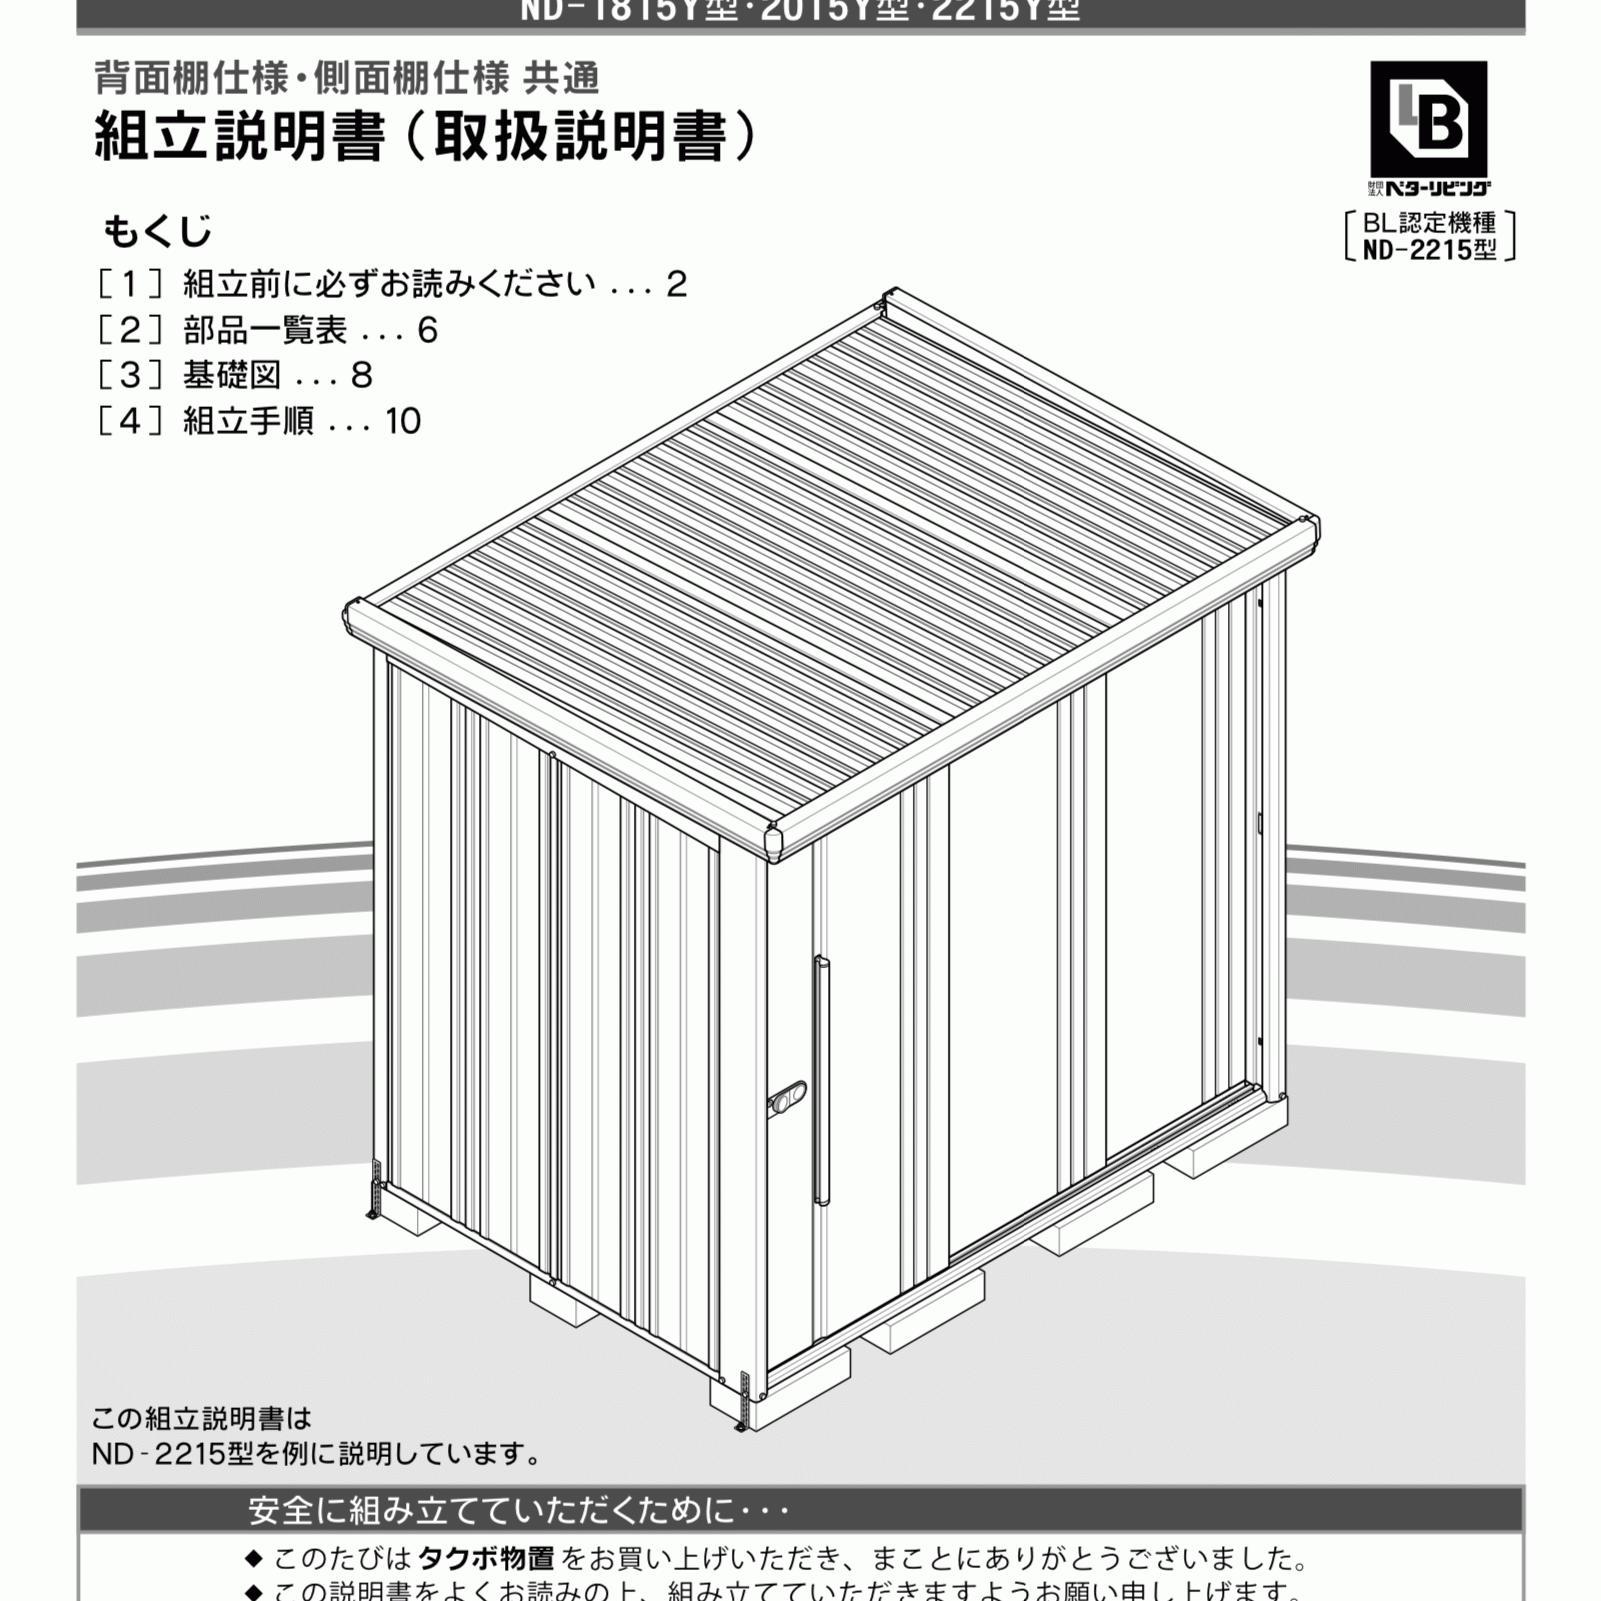 「次のDIYマニュアルはタクボ物置の設置!」収納・水平・雑草・ぬかるみ(湿気)